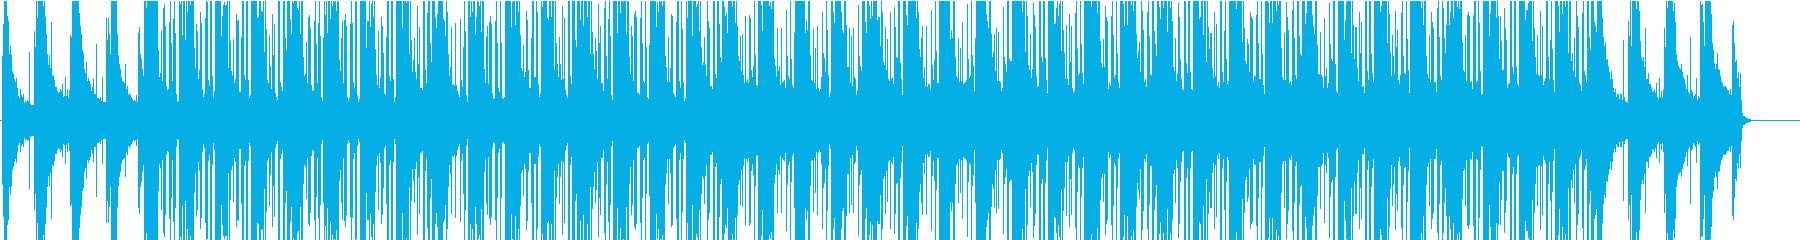 ピアノが鳴るヒップホップ風な曲の再生済みの波形